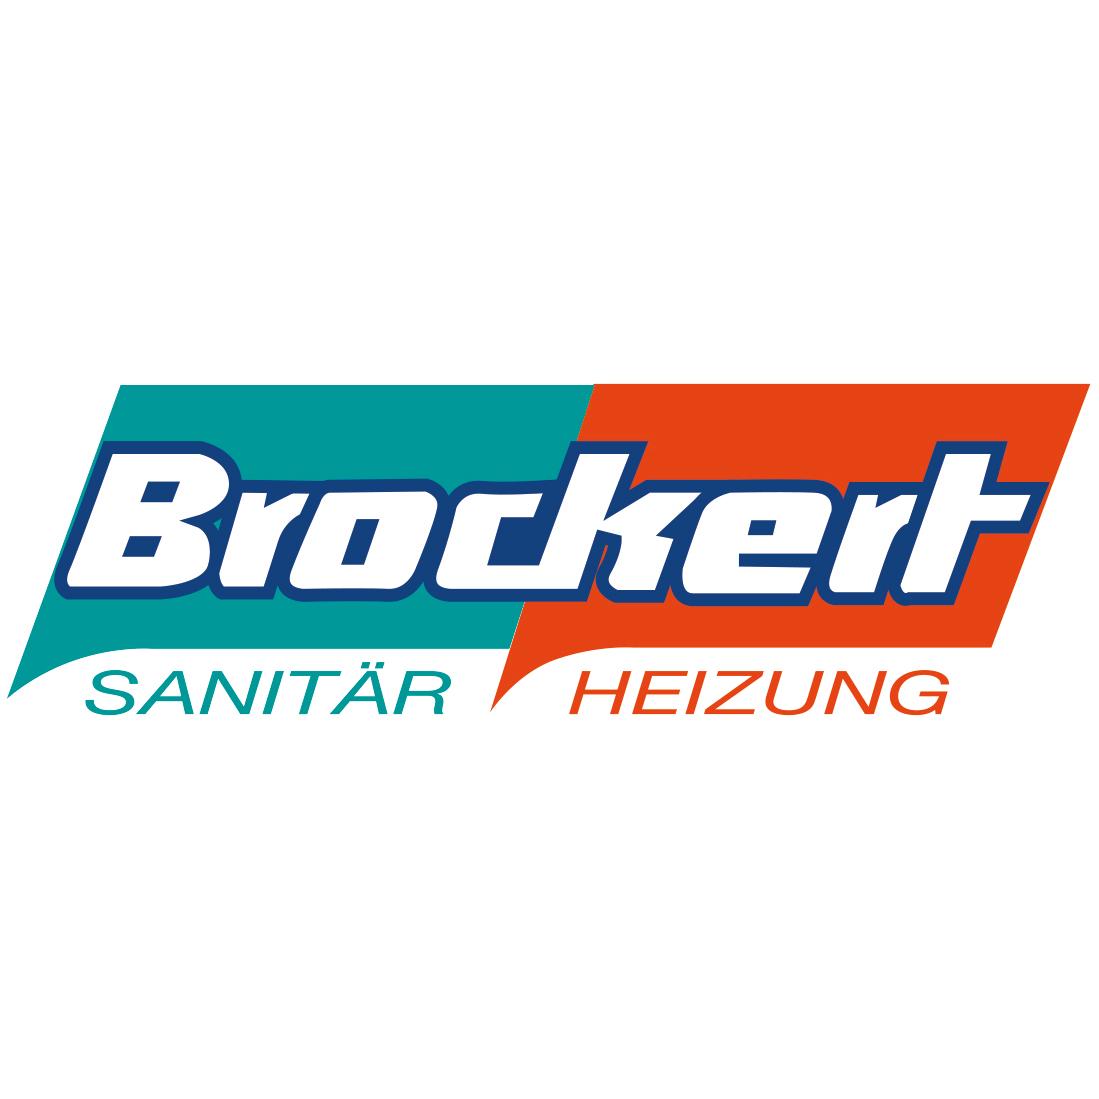 Brockert Sanitär + Heizung